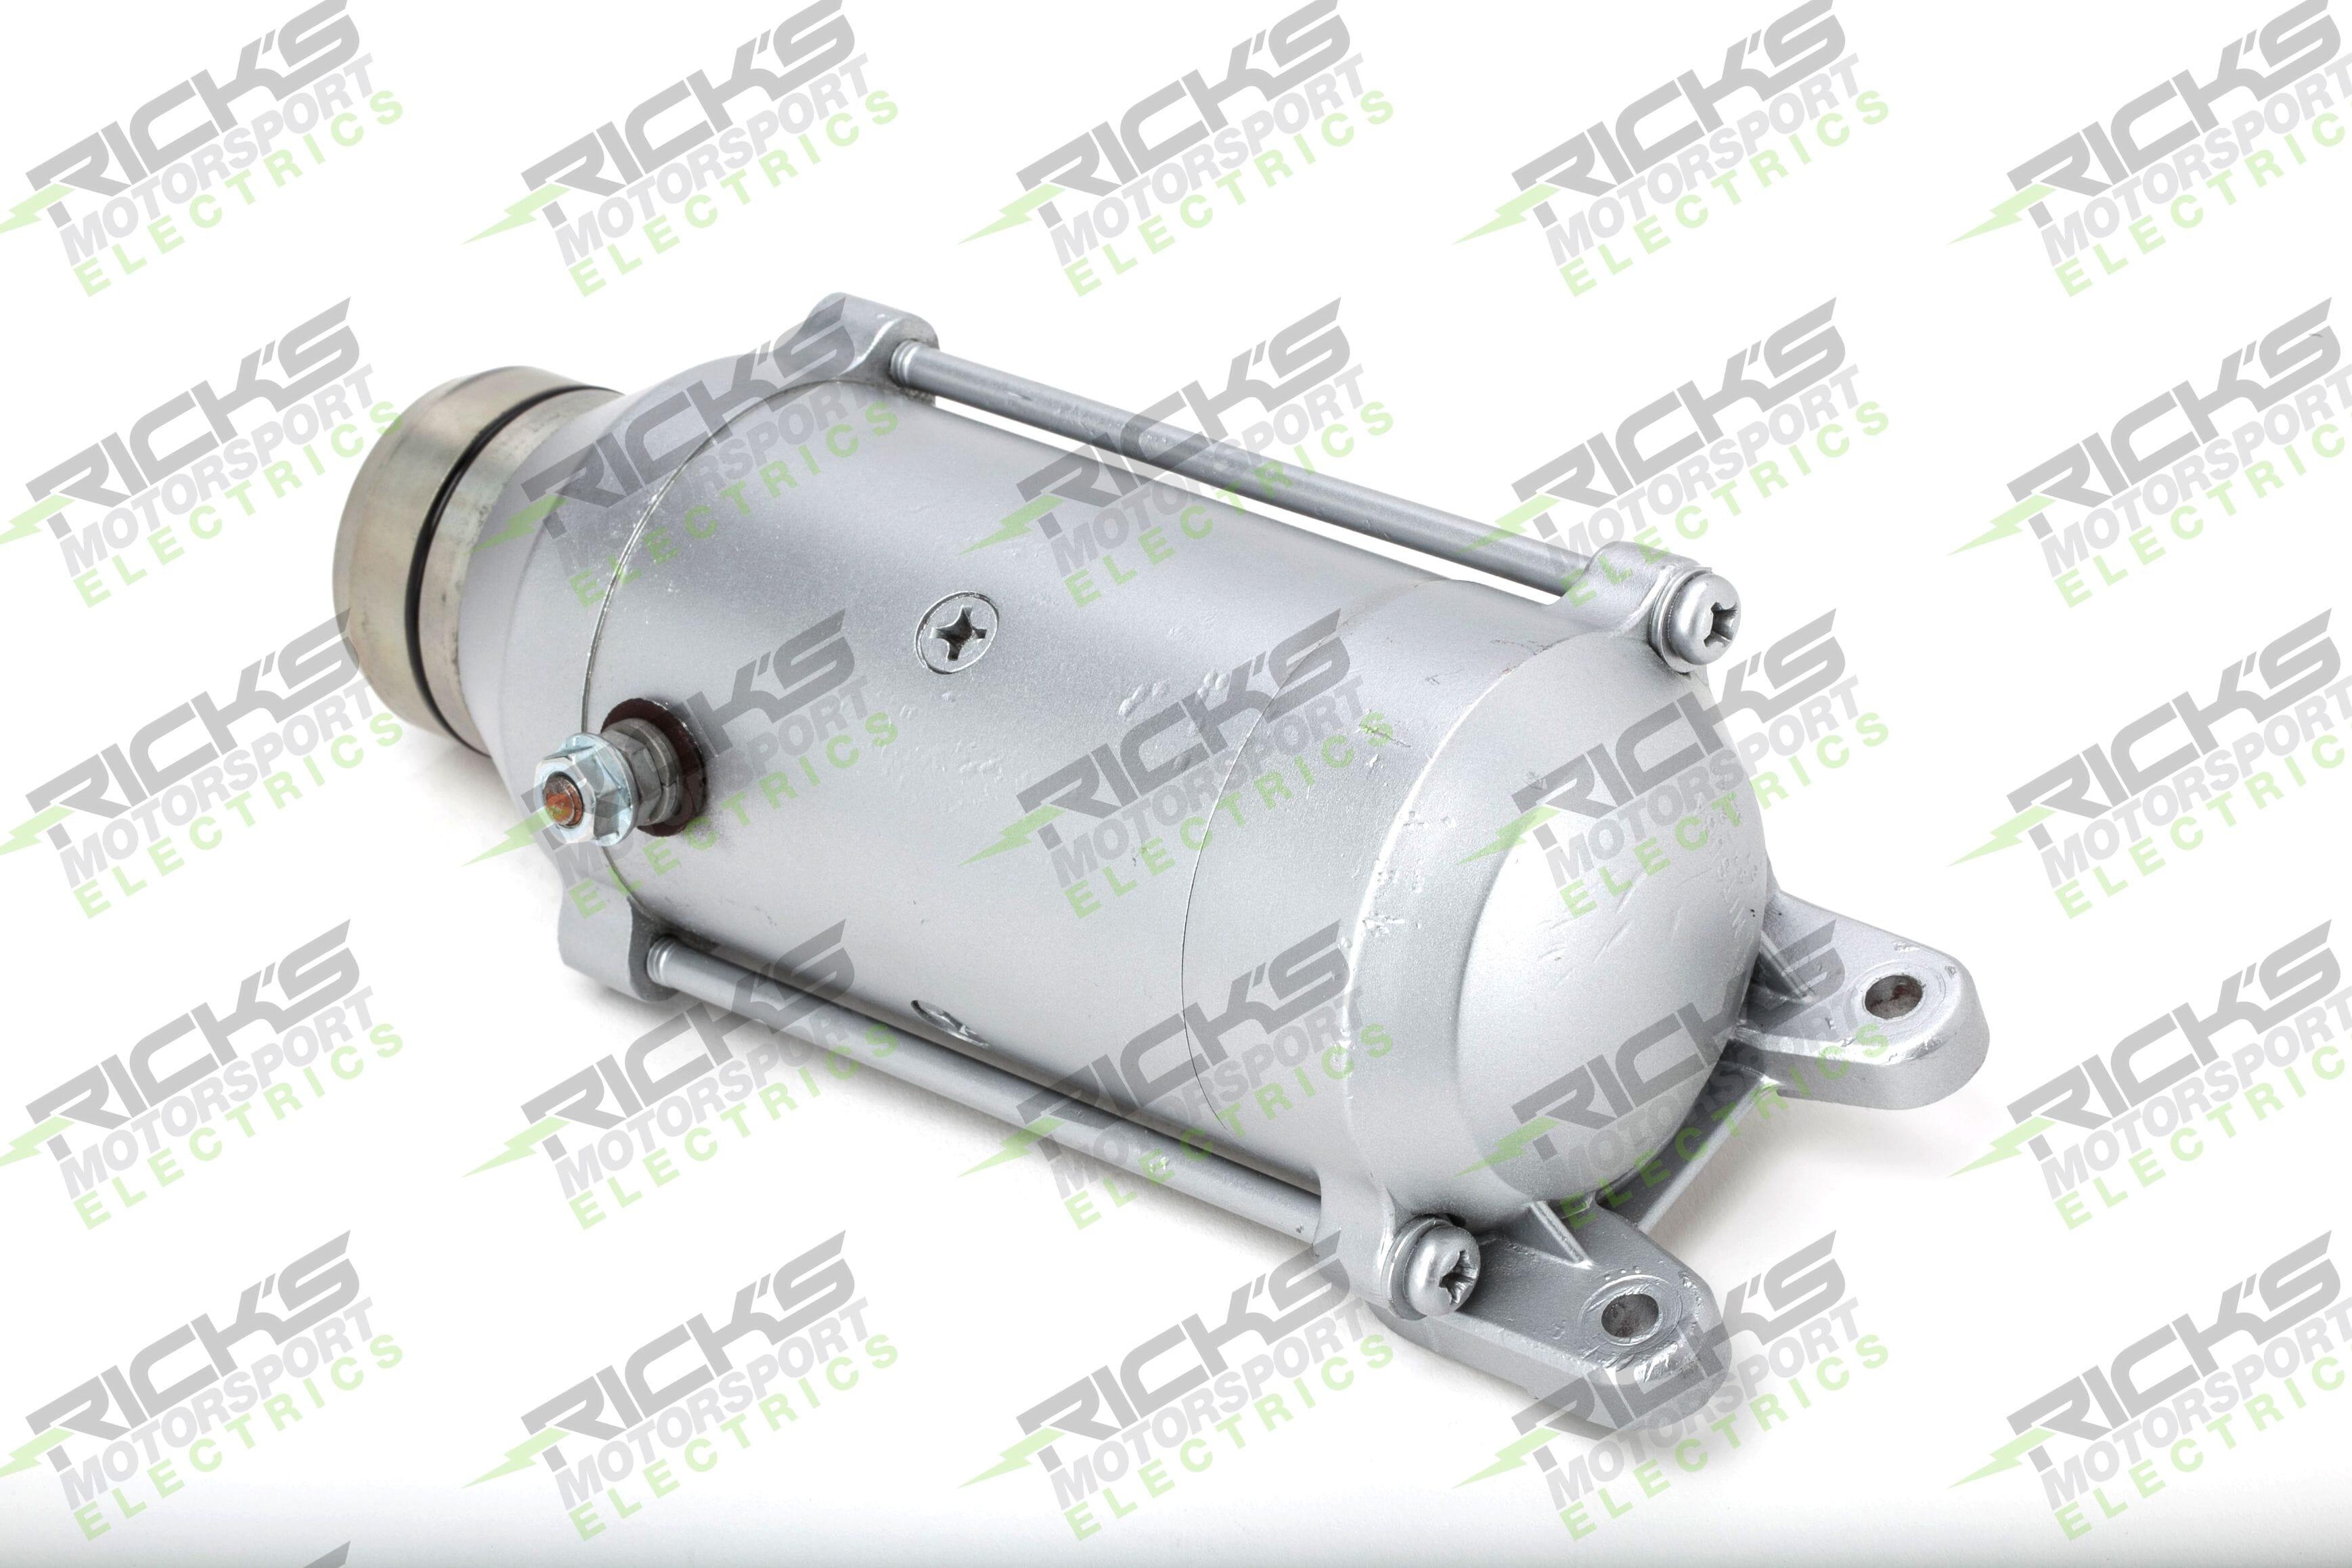 Rebuilt Honda Starter Motor 60_161 #2